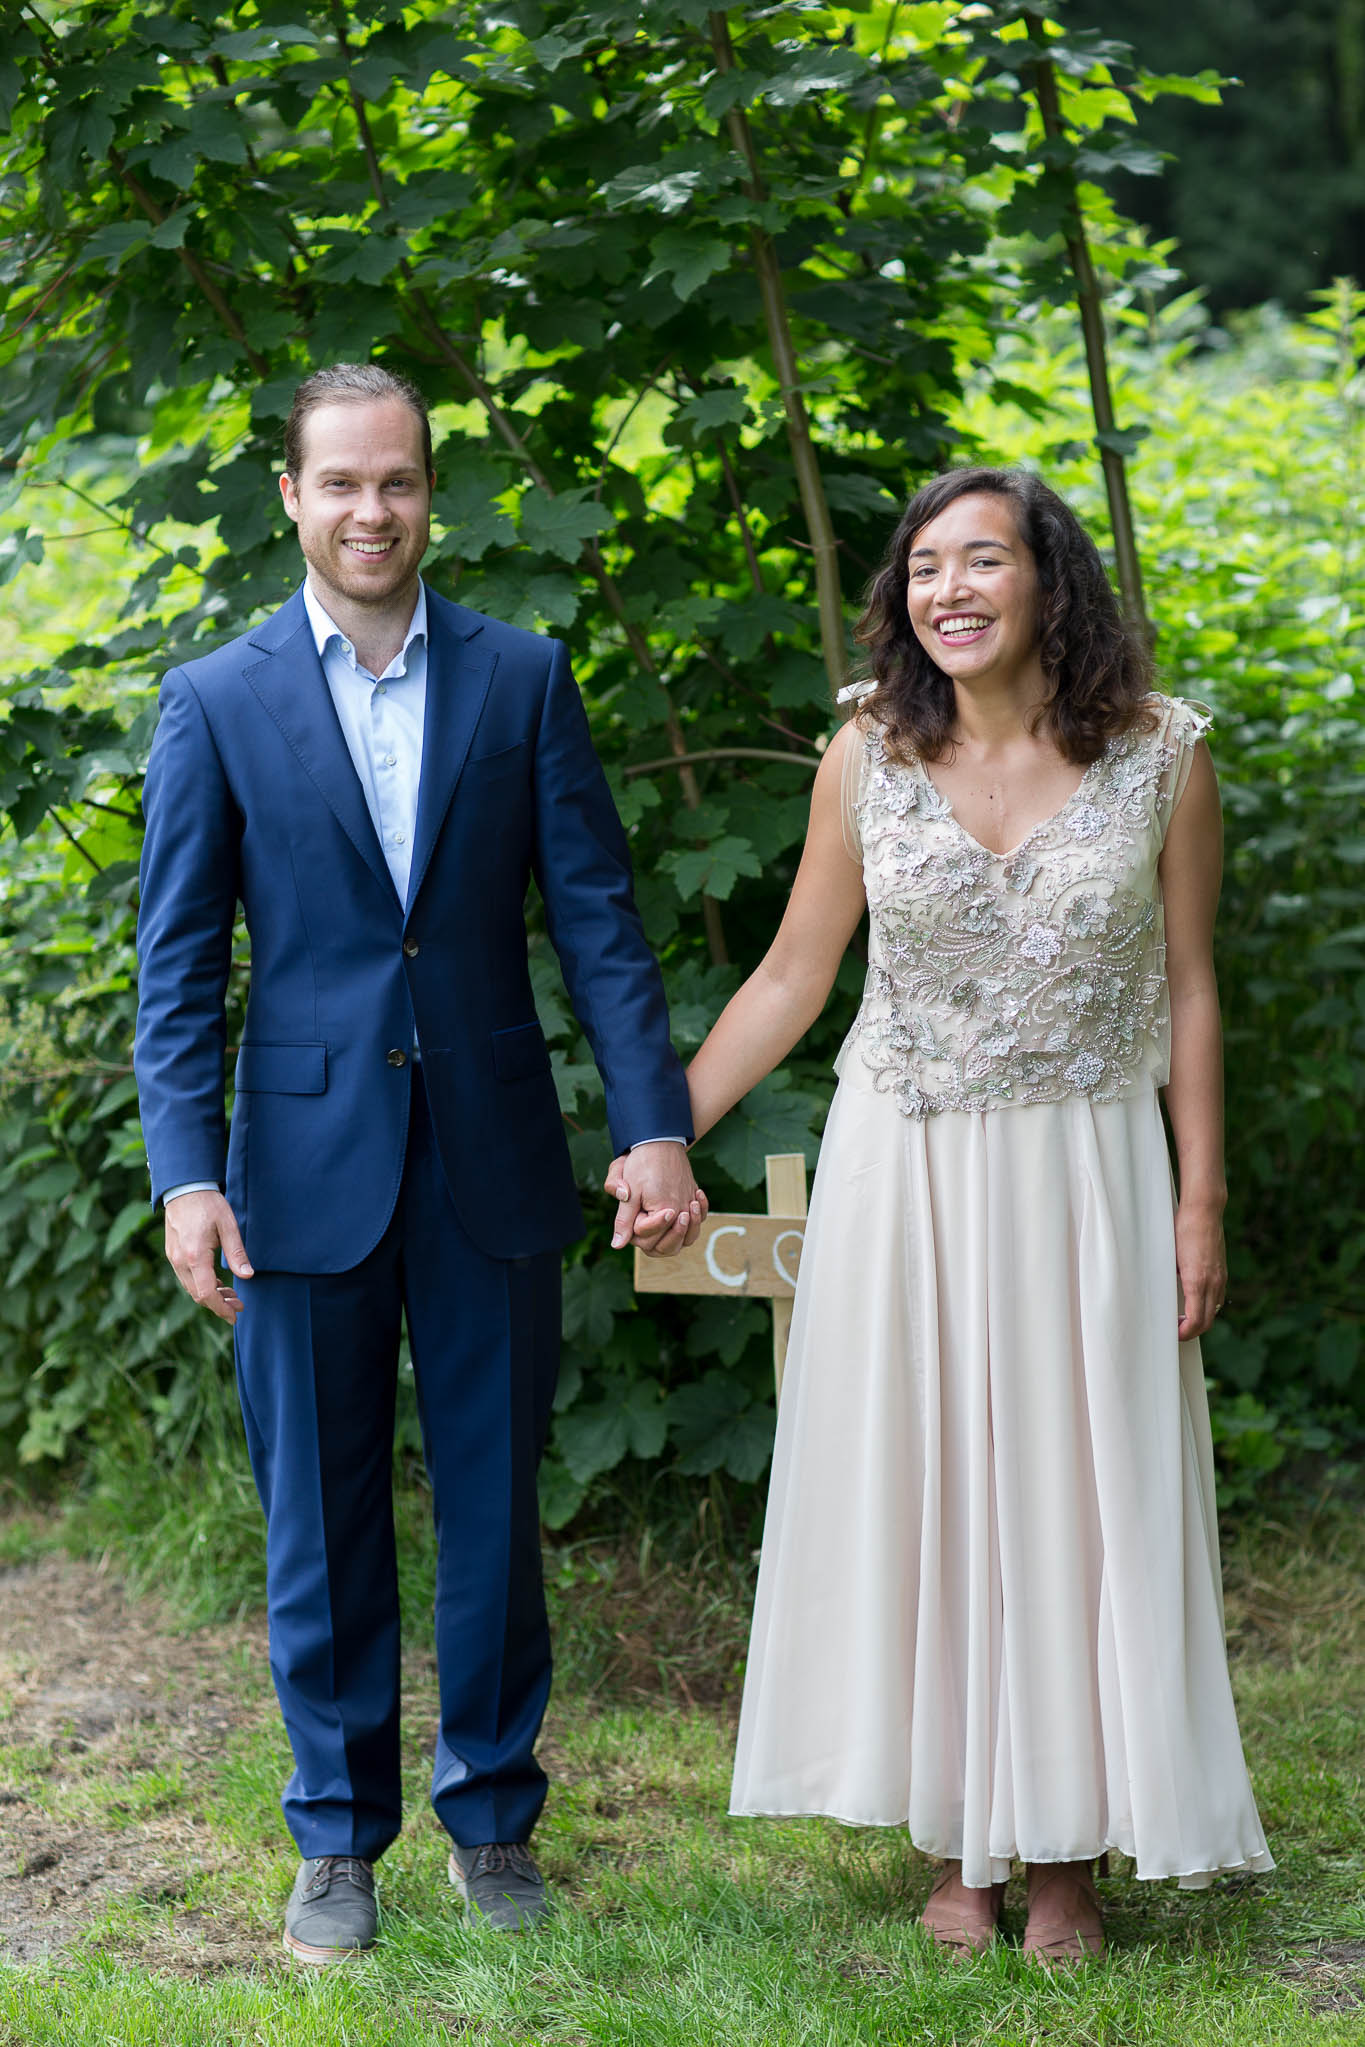 freebirdstories-com_wedding_christiaannina_lowres_521